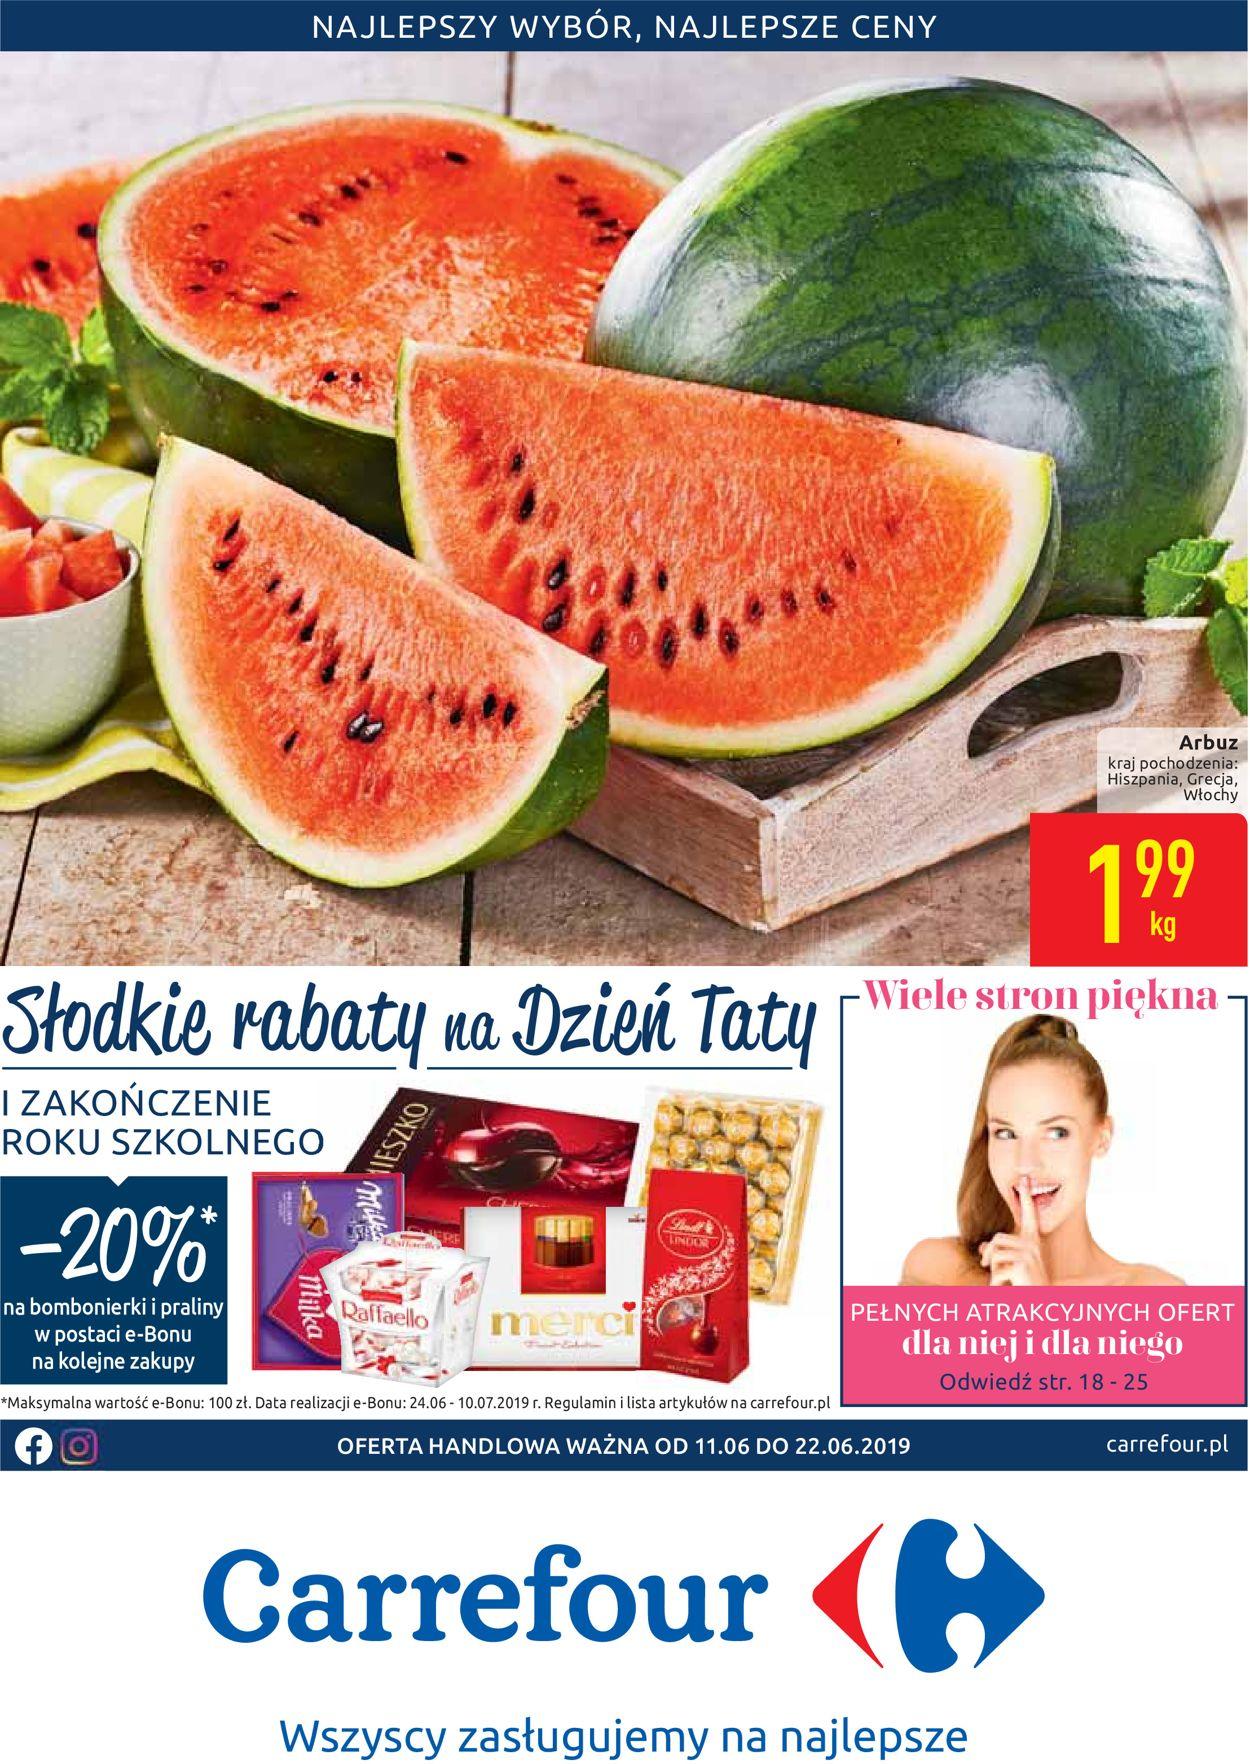 Gazetka promocyjna Carrefour - 11.06-22.06.2019